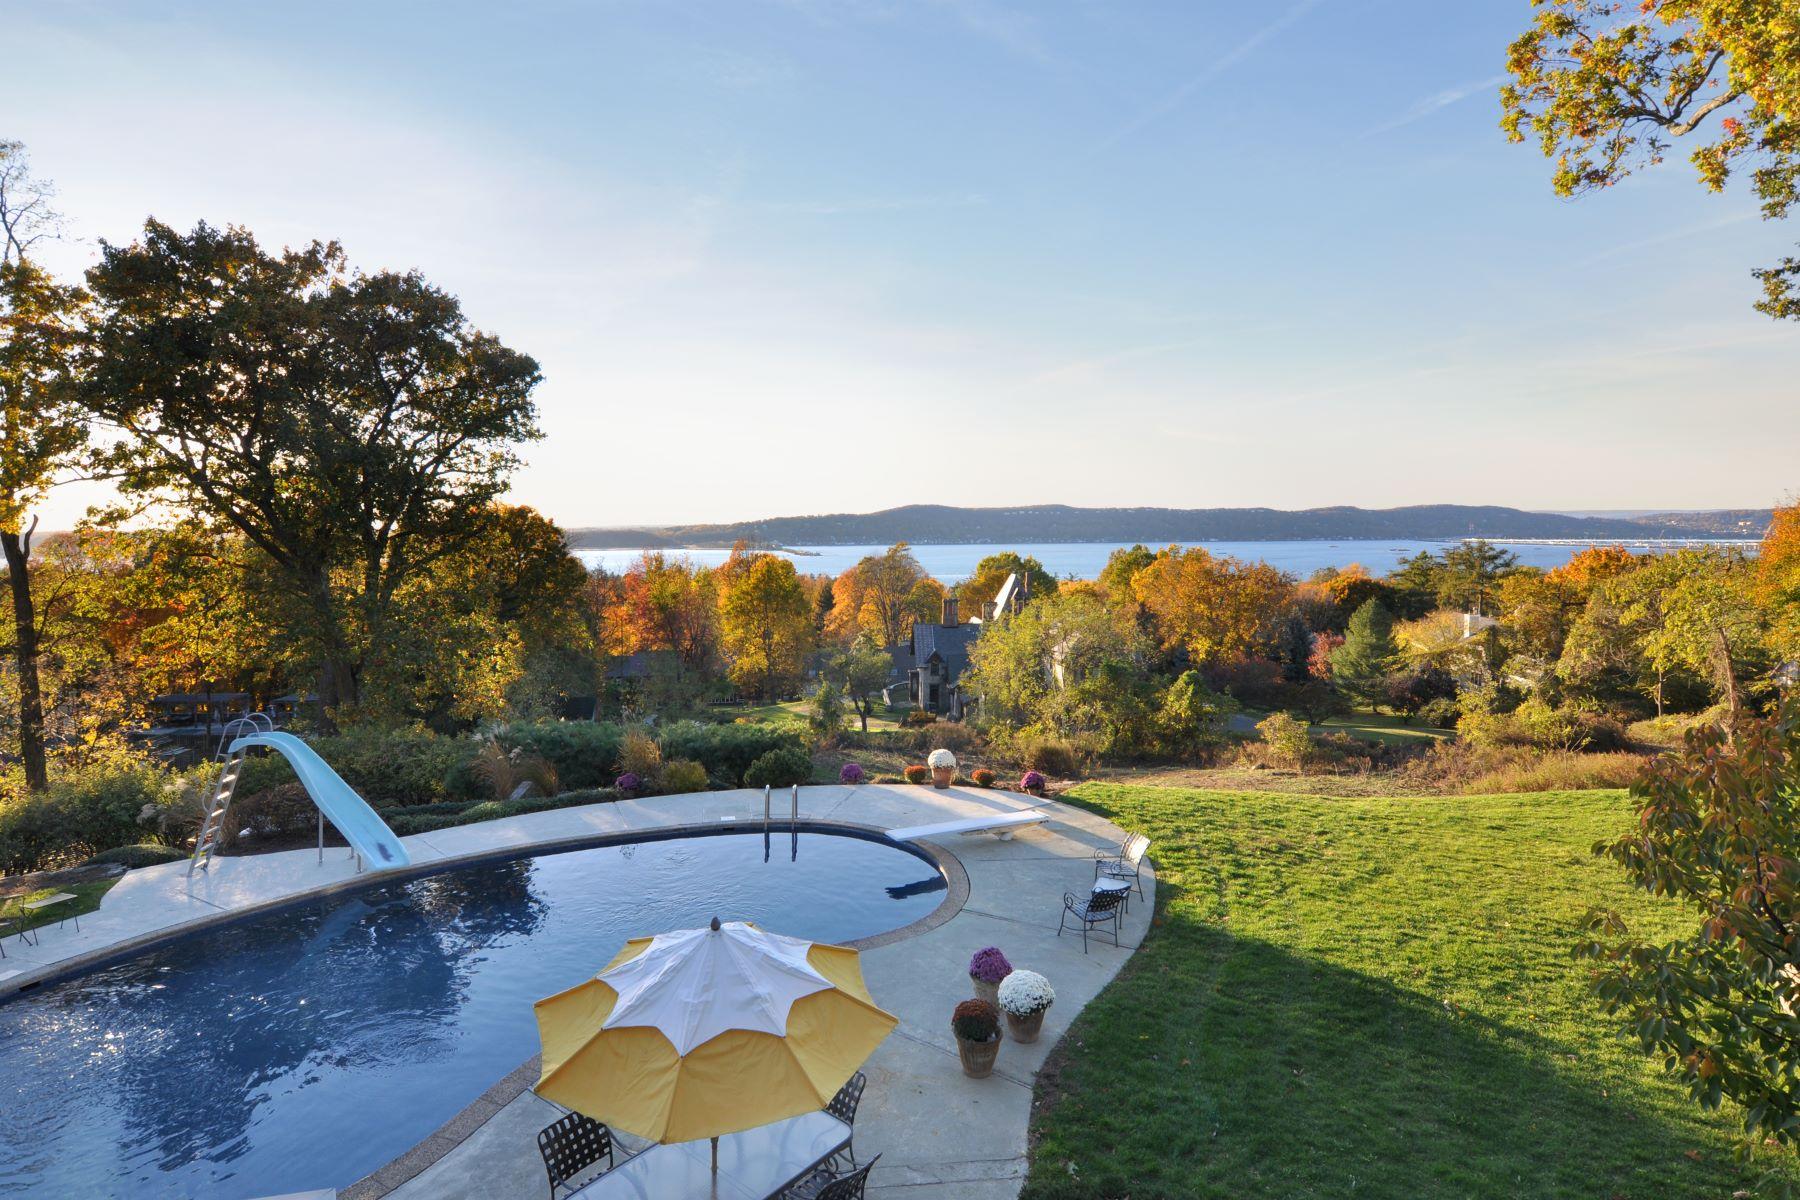 Частный односемейный дом для того Продажа на Breathtaking Views! 7 Irving Place Irvington, Нью-Йорк, 10533 Соединенные Штаты